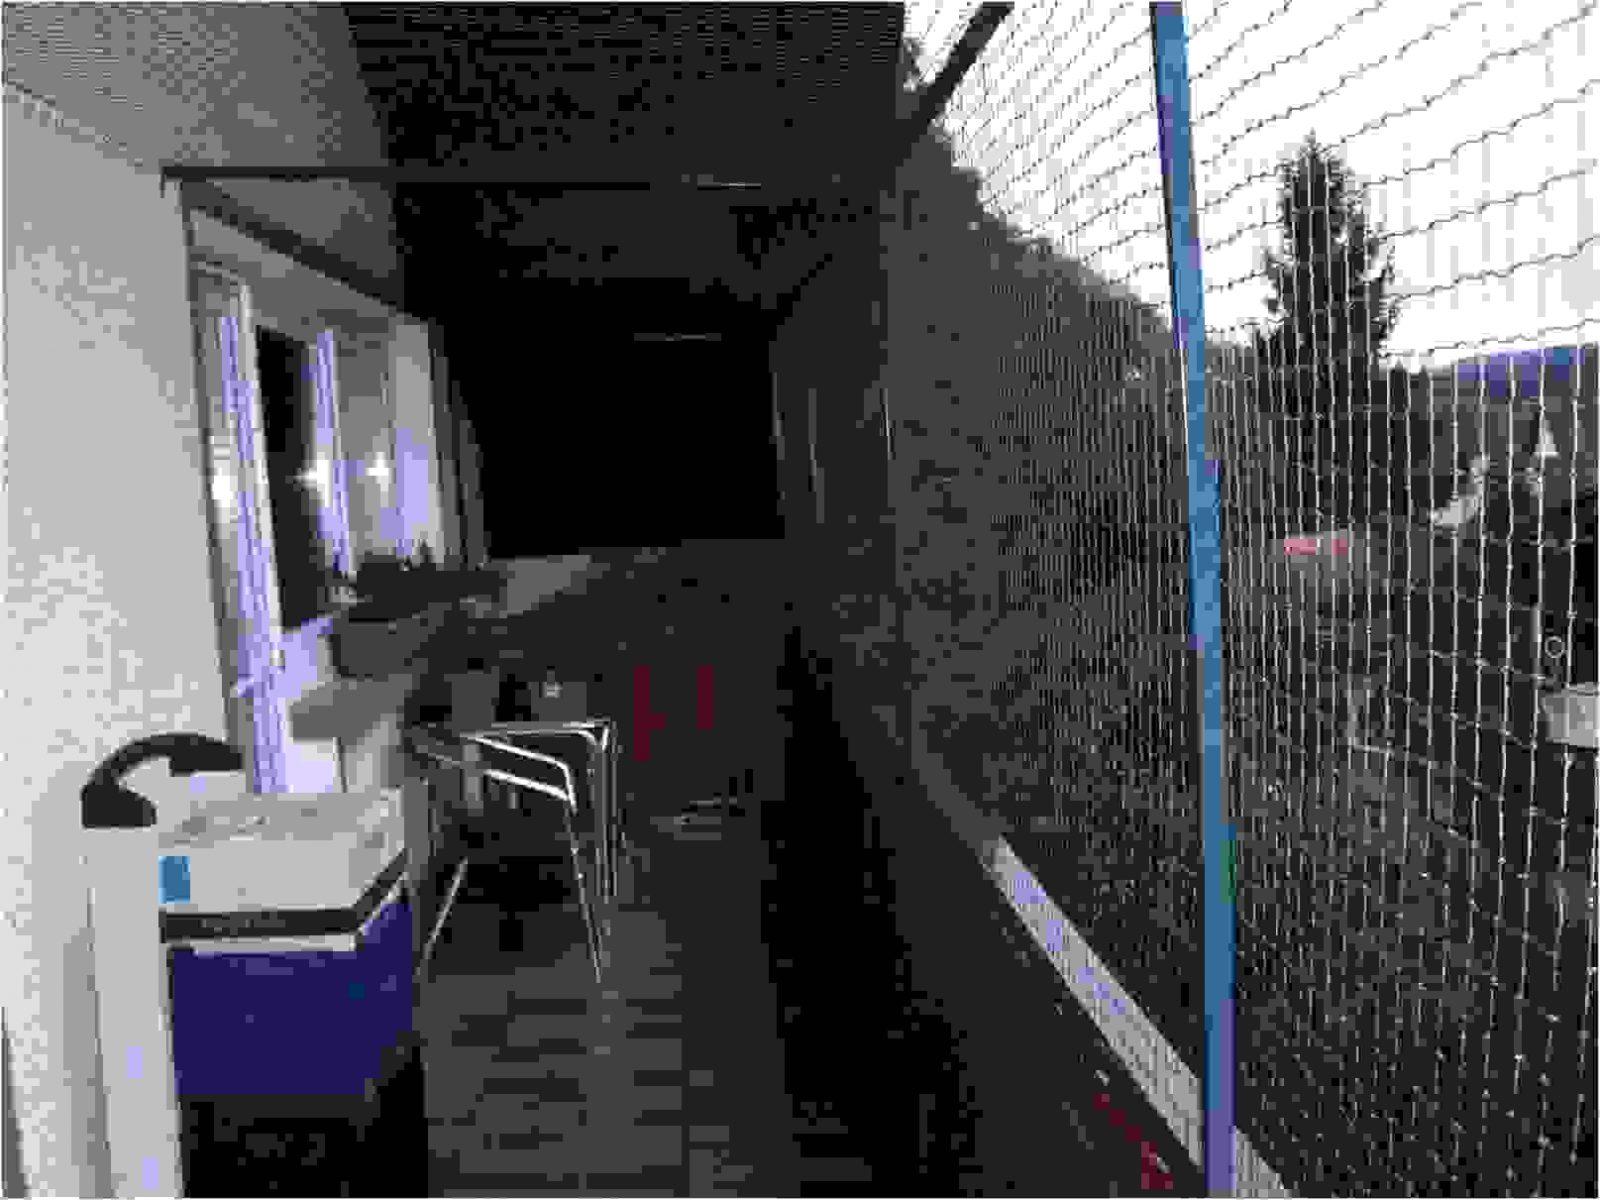 30 Das Beste Balkon Sichtschutz Seitlich Ohne Bohren Konzept  Haus von Seitlicher Sichtschutz Für Balkon Ohne Bohren Bild